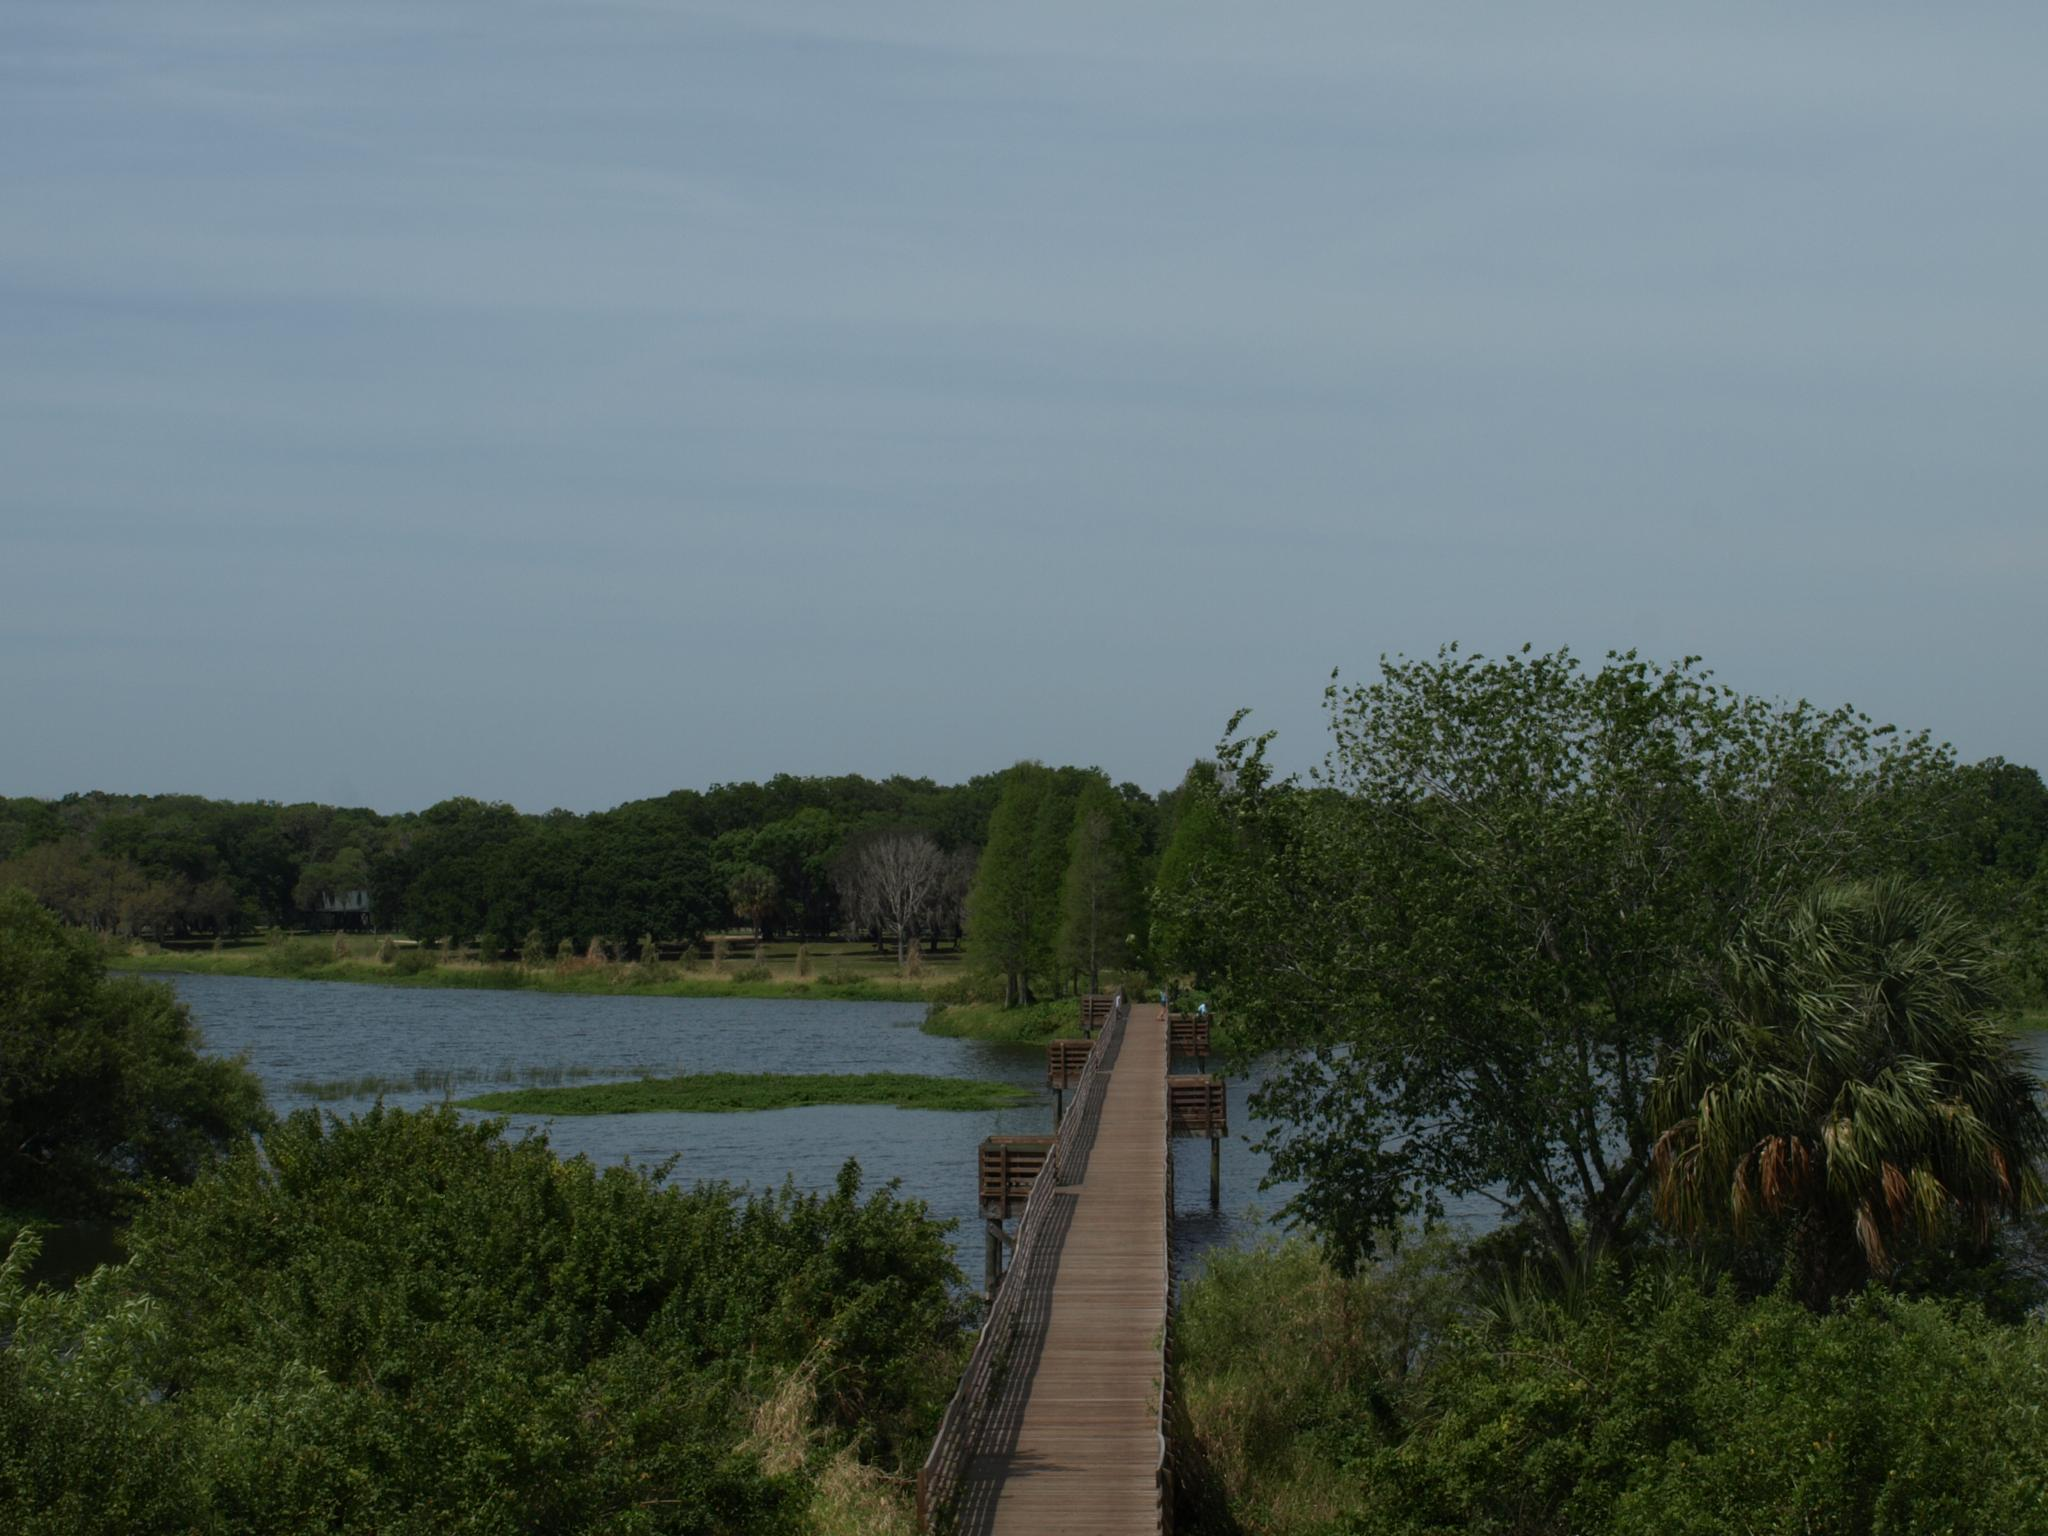 Boardwalk Across the Lake by Jo Jurkiewicz